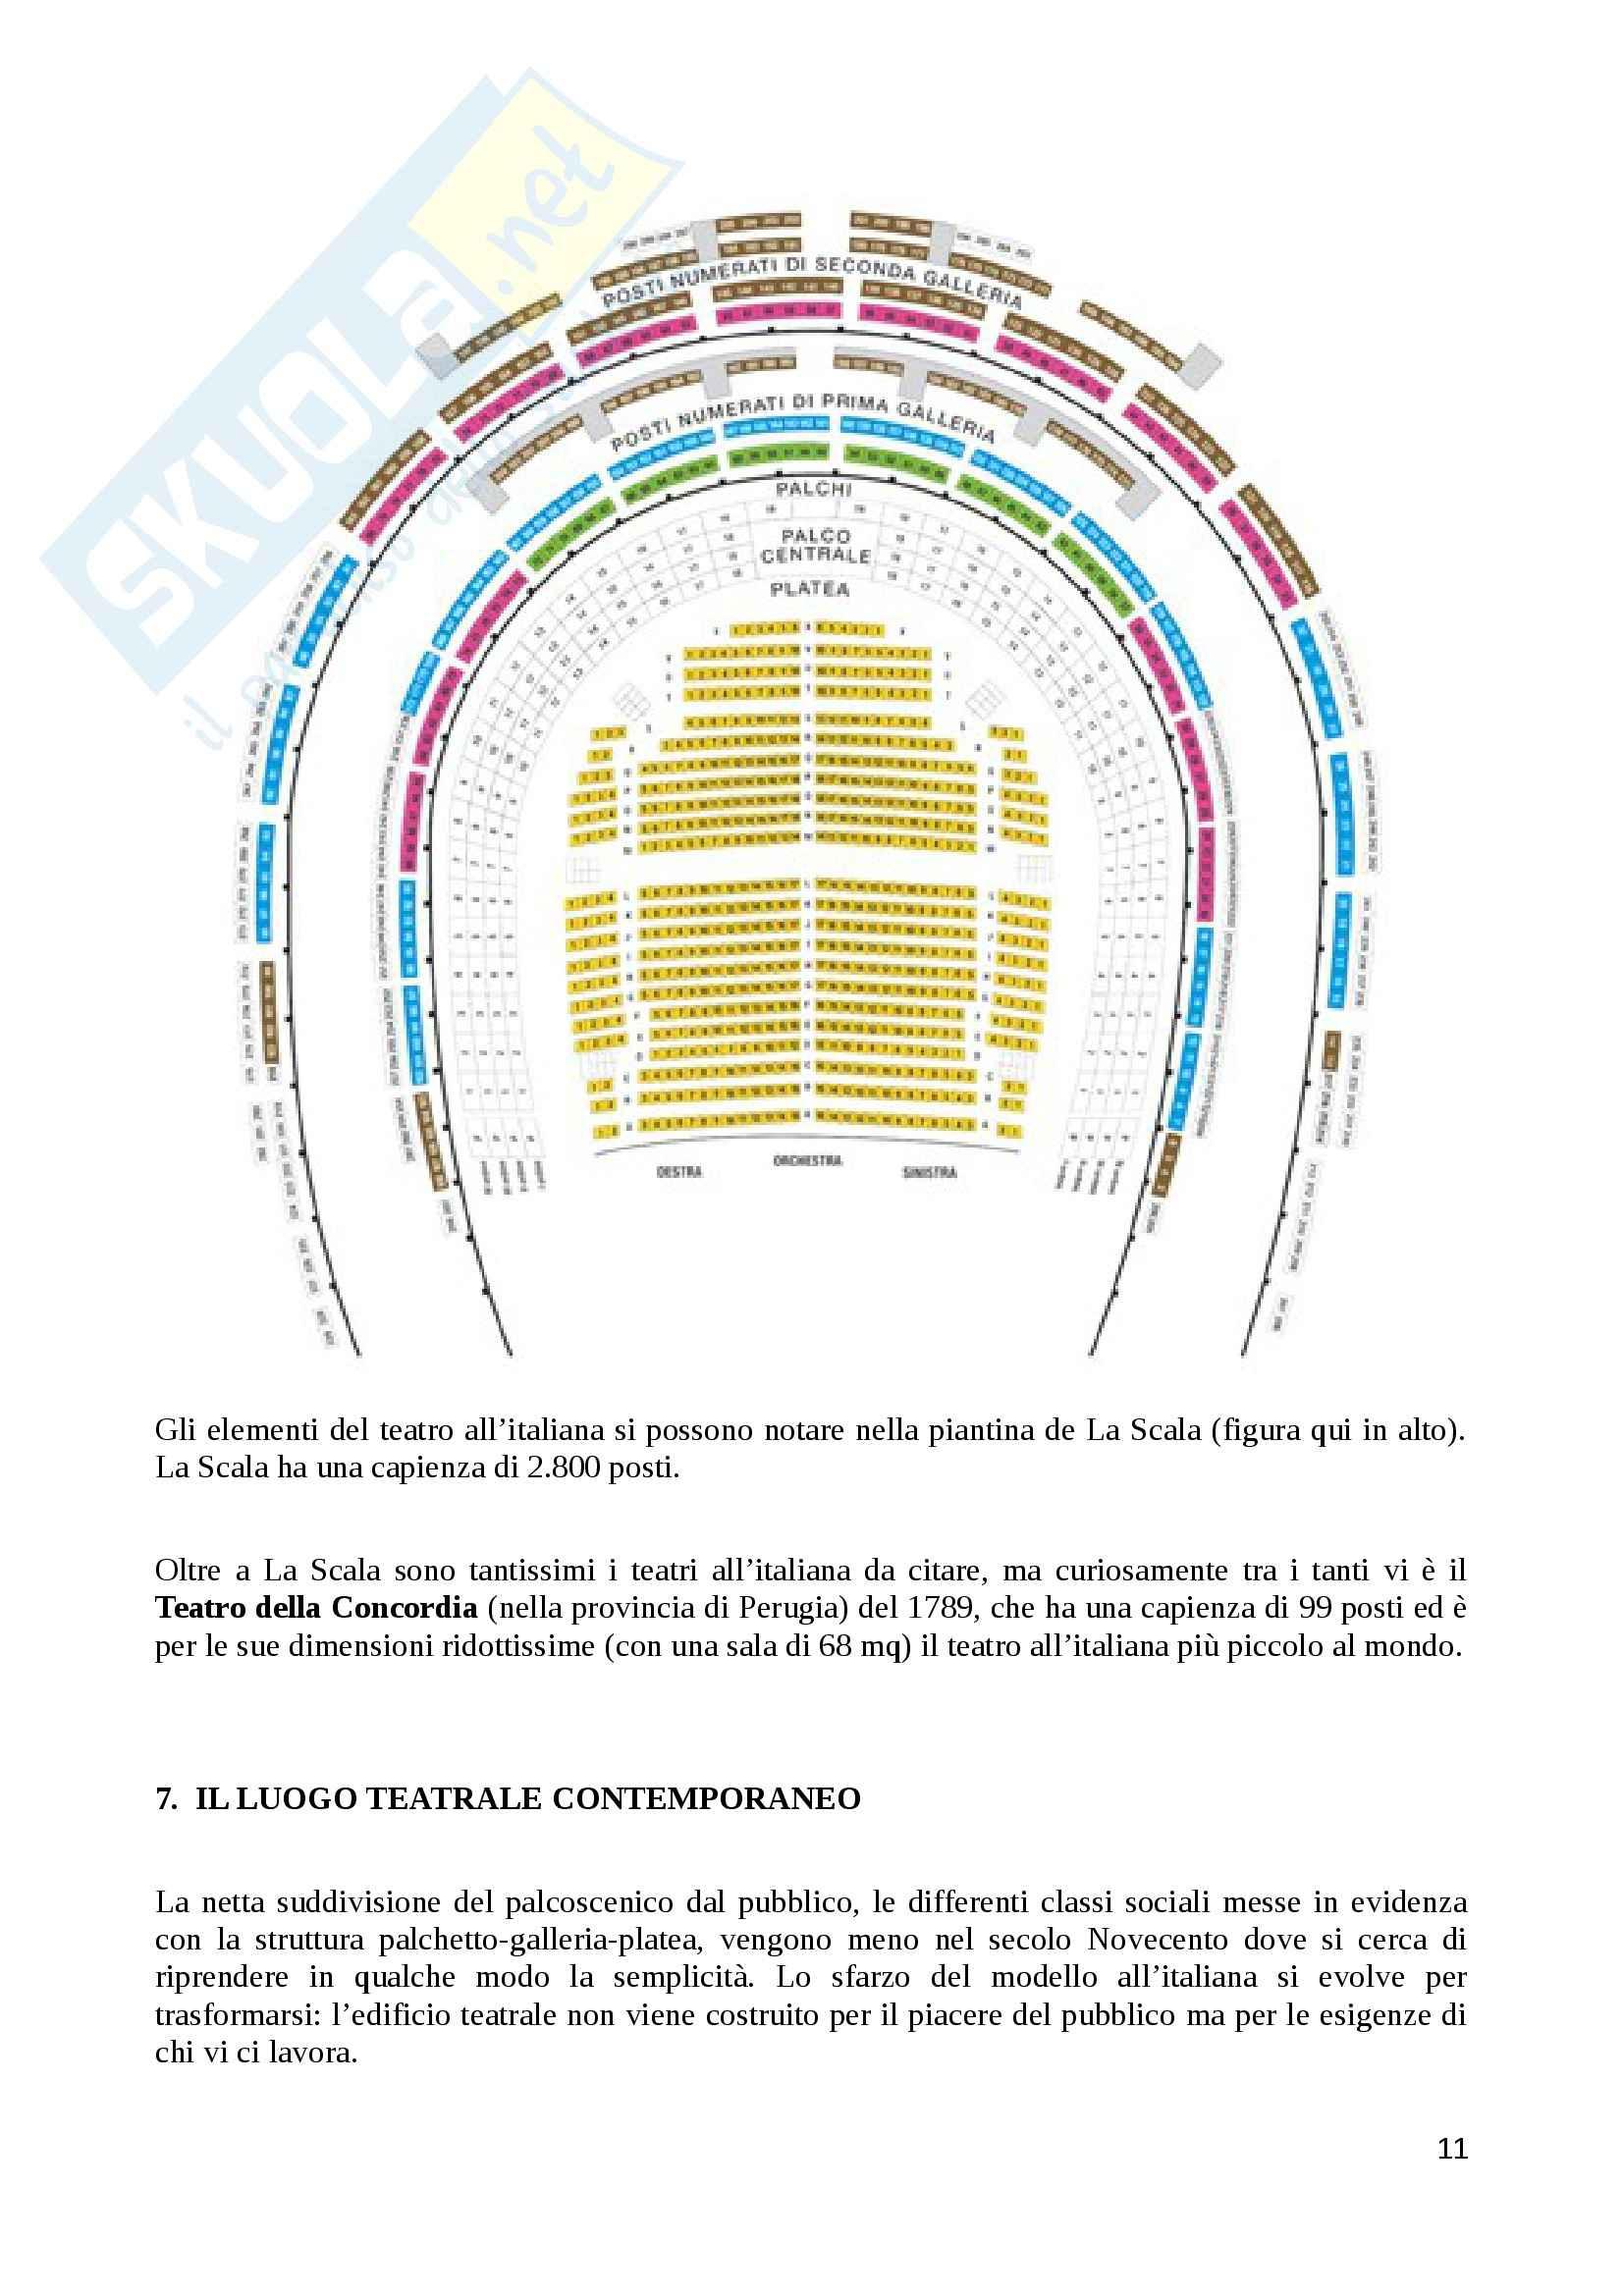 Storia del teatro e dello spettacolo - edificio teatrale dall'antichità ai tempi moderni Pag. 11